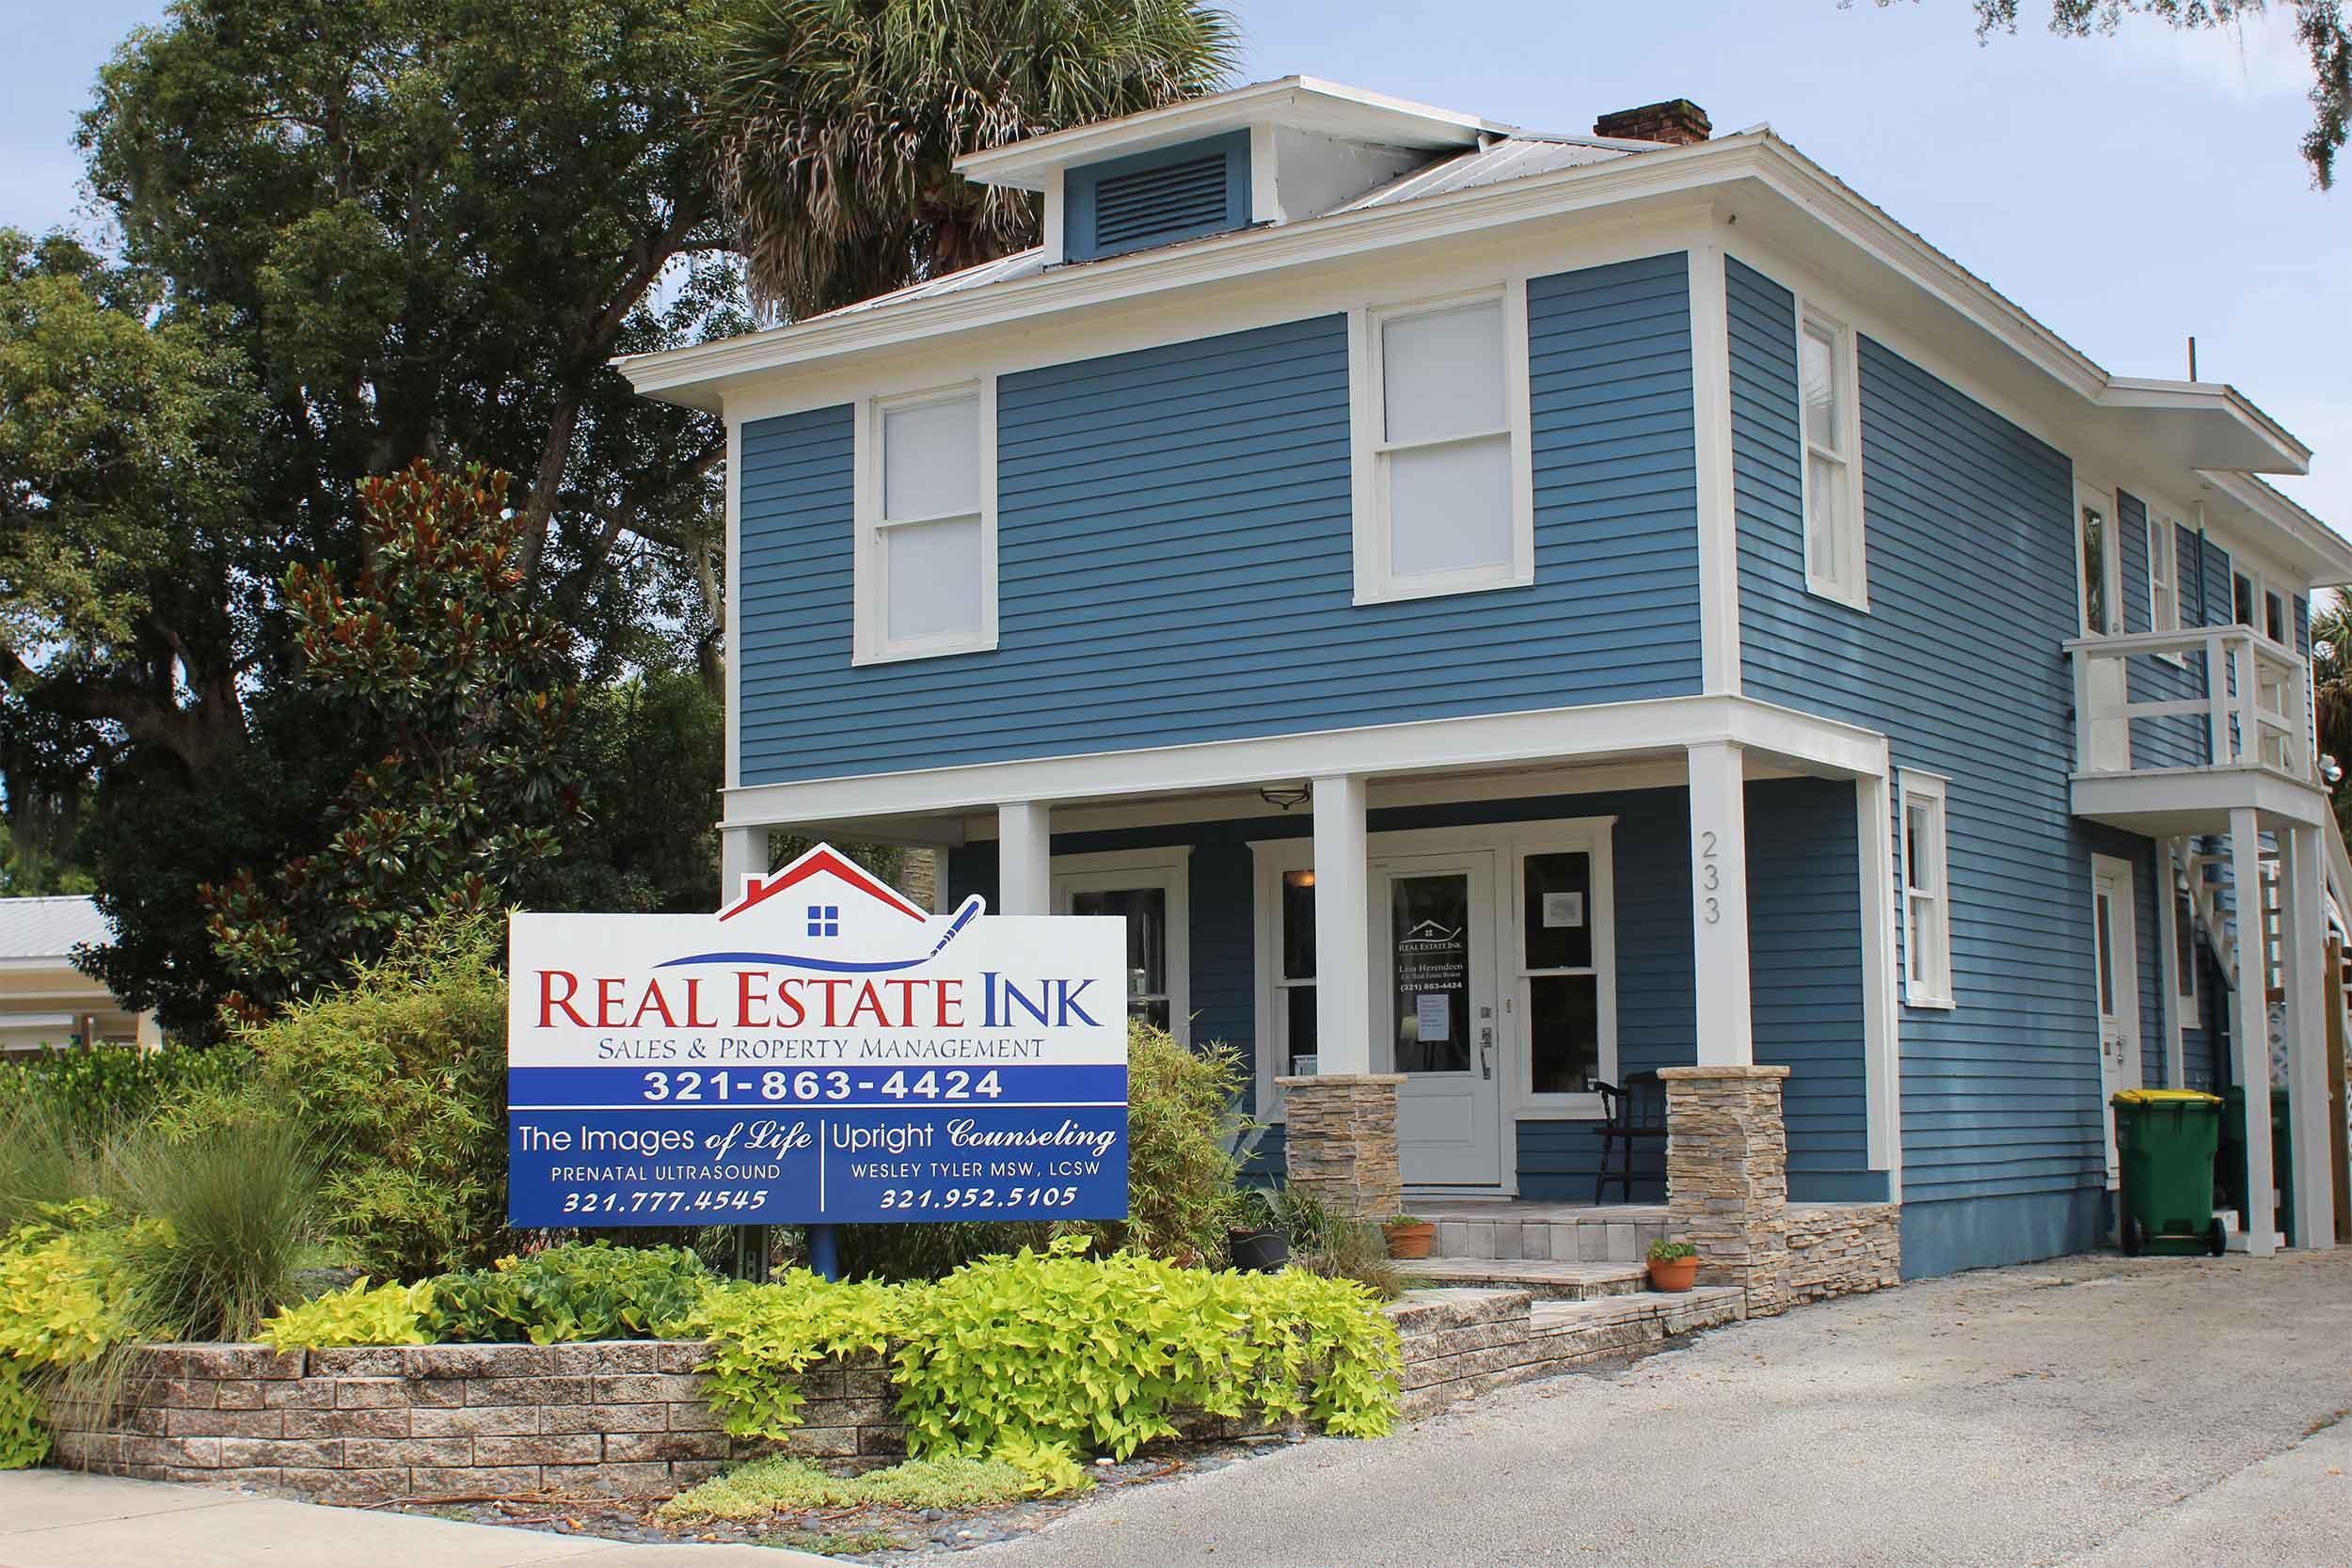 real-estate-ink-building